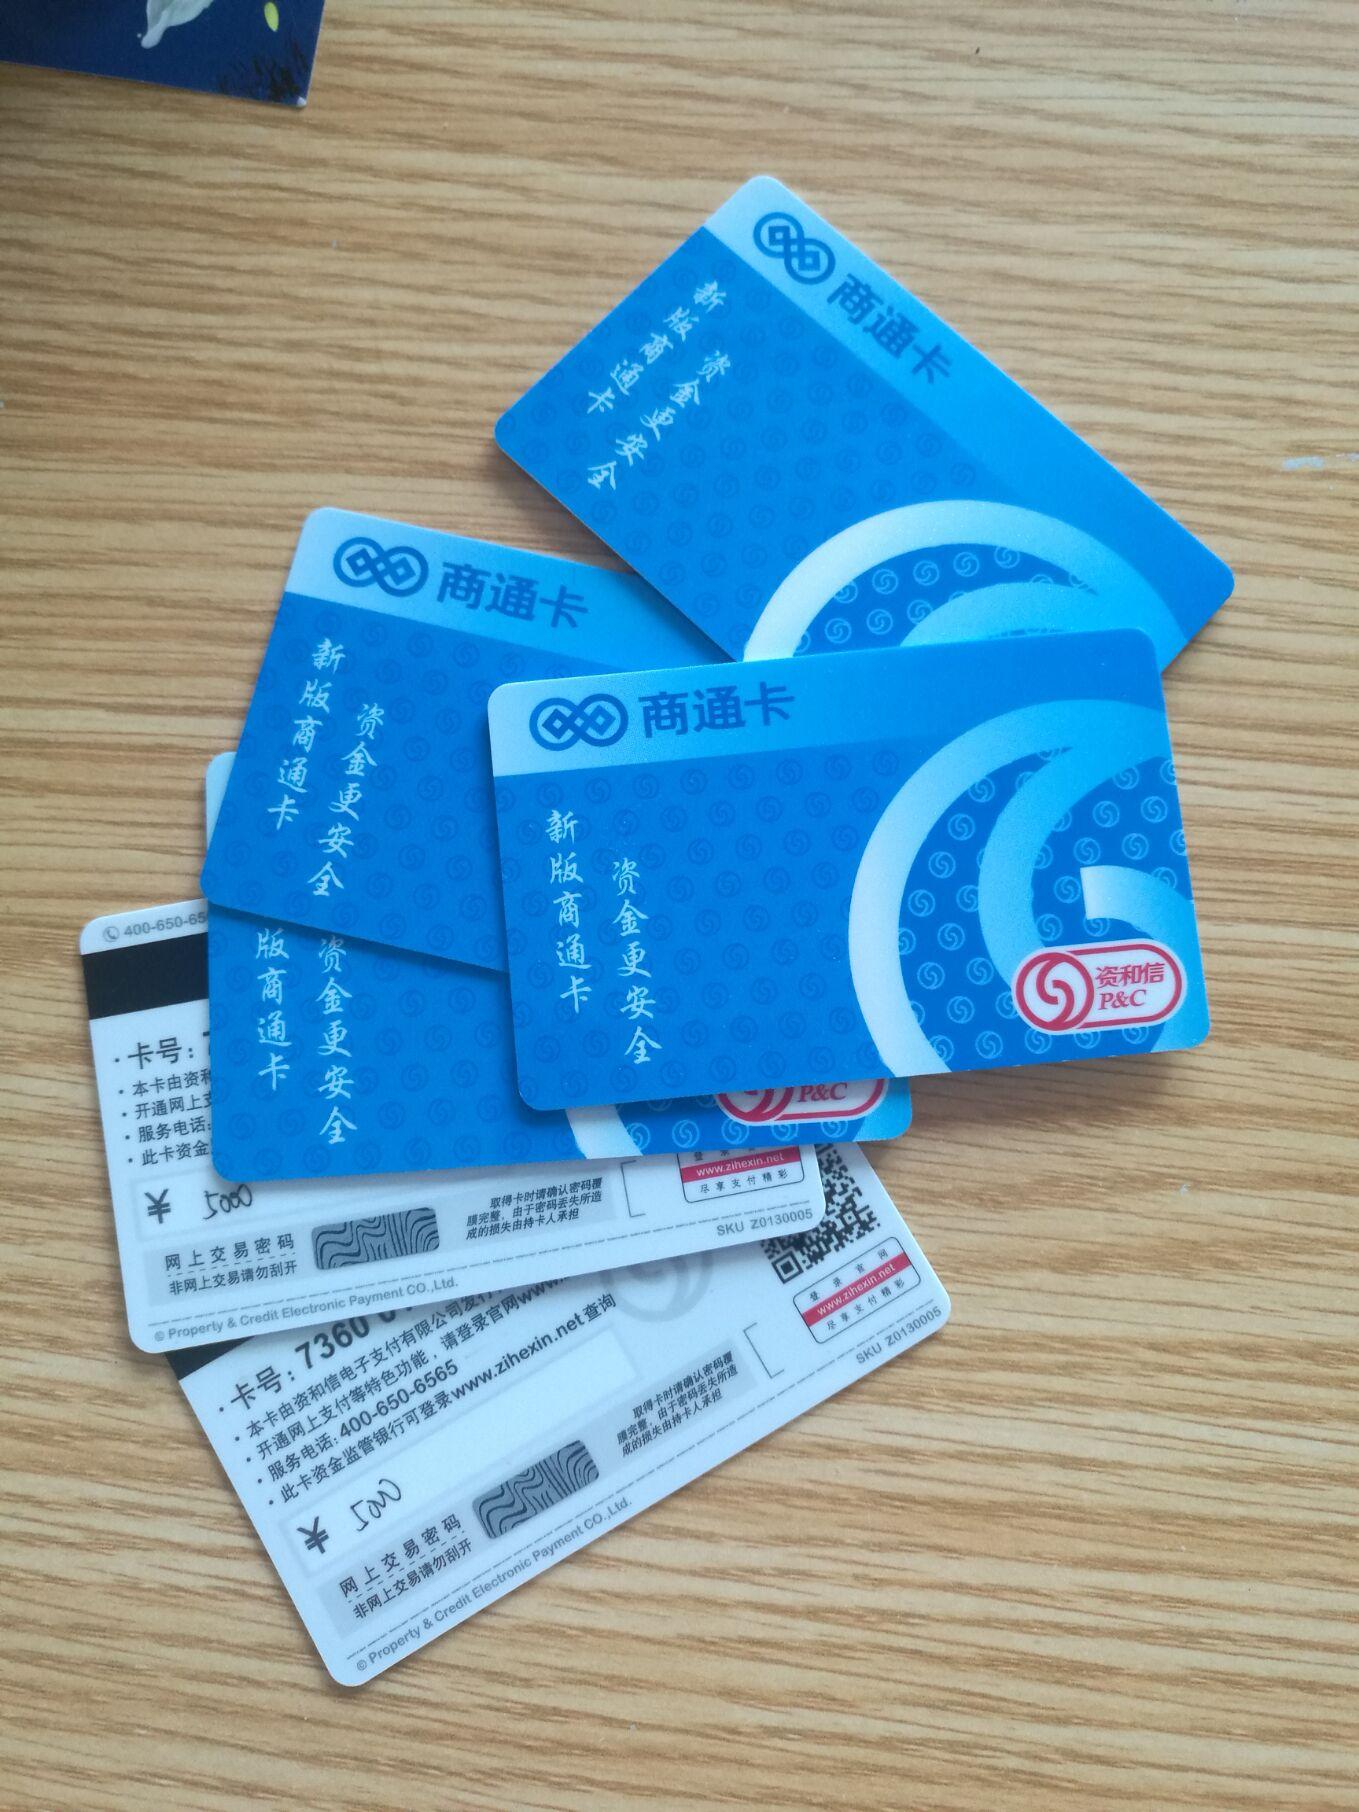 北京收购商通卡 回收商通卡